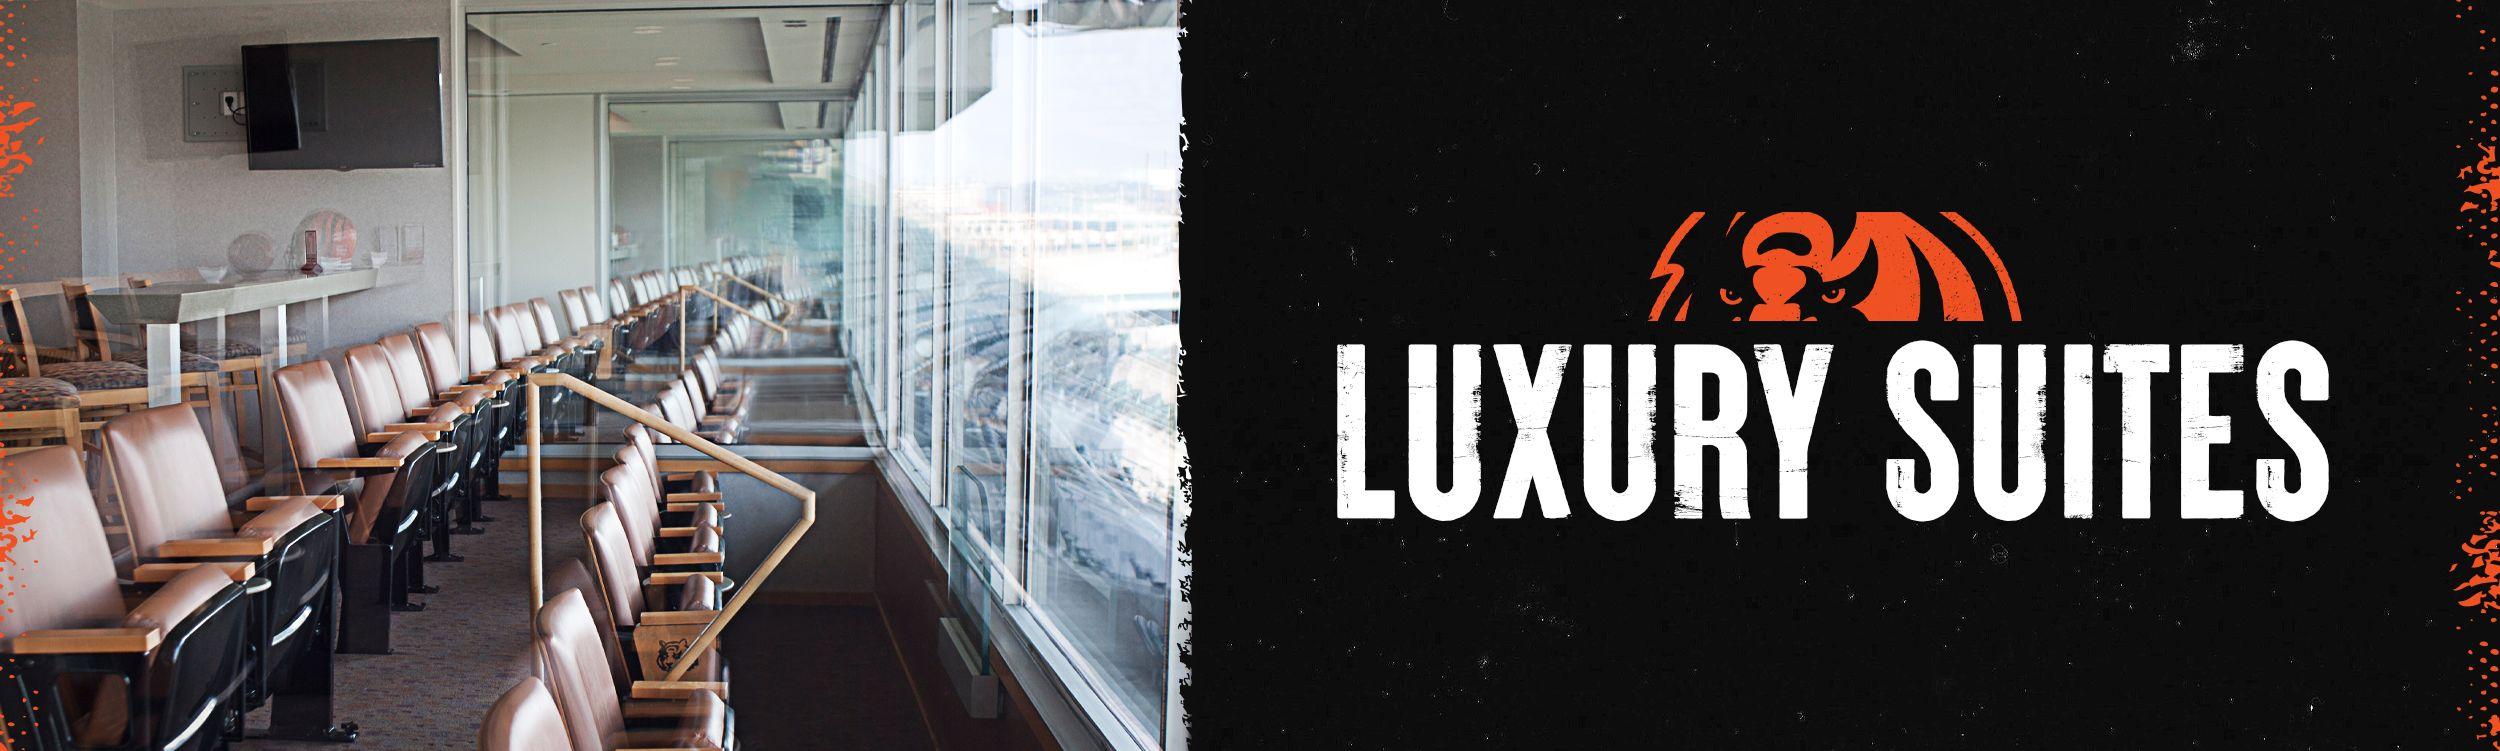 210105-luxury-seats-header